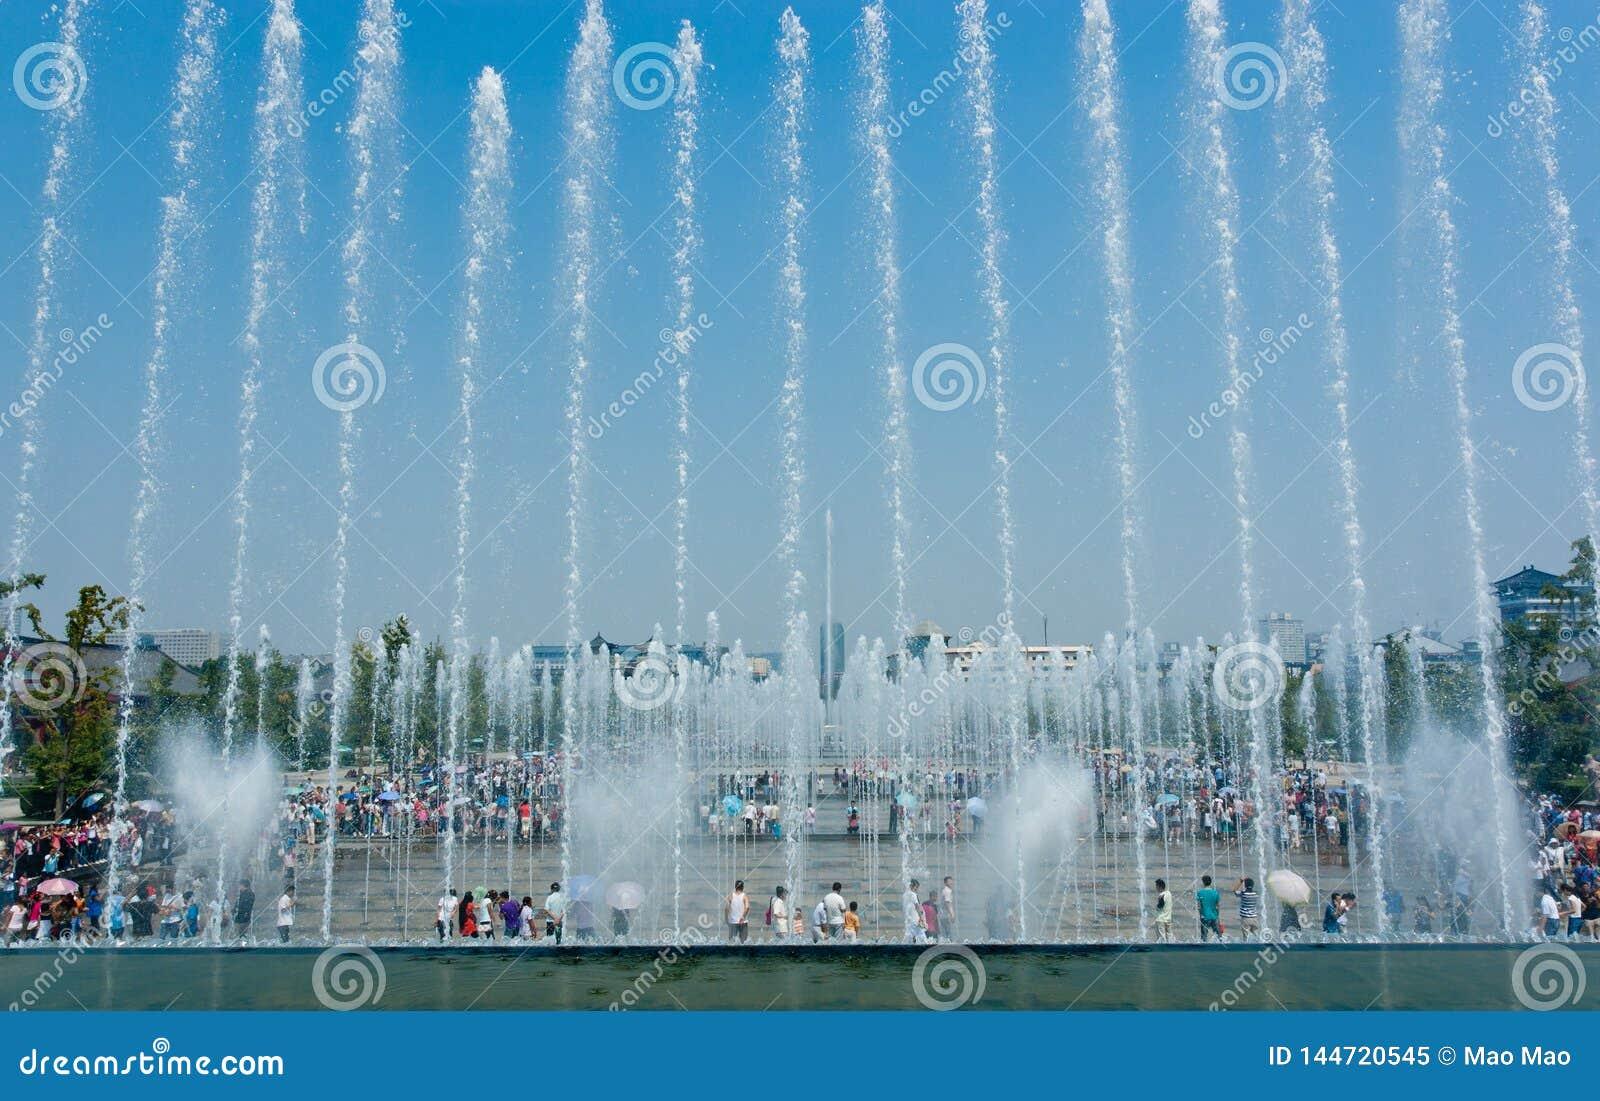 Xian, Chiny Sierpie? 17,2012 XI. ?muzykalna fontanna z Wielkim Dzikim G?sim Pagodowym t?em w Shanxi prowincji Chiny xi.